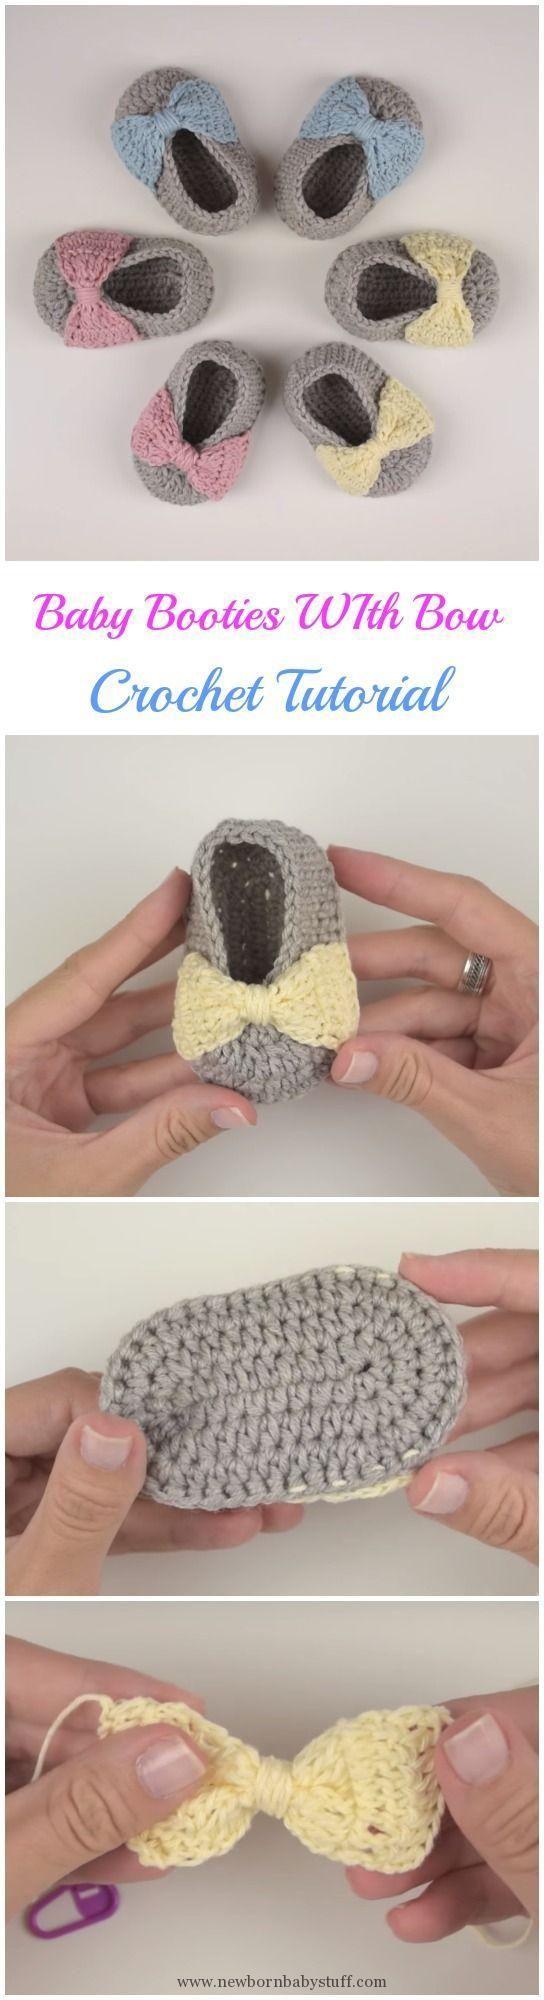 Mejores 176 imágenes de Crochet - Babies & Children en Pinterest ...